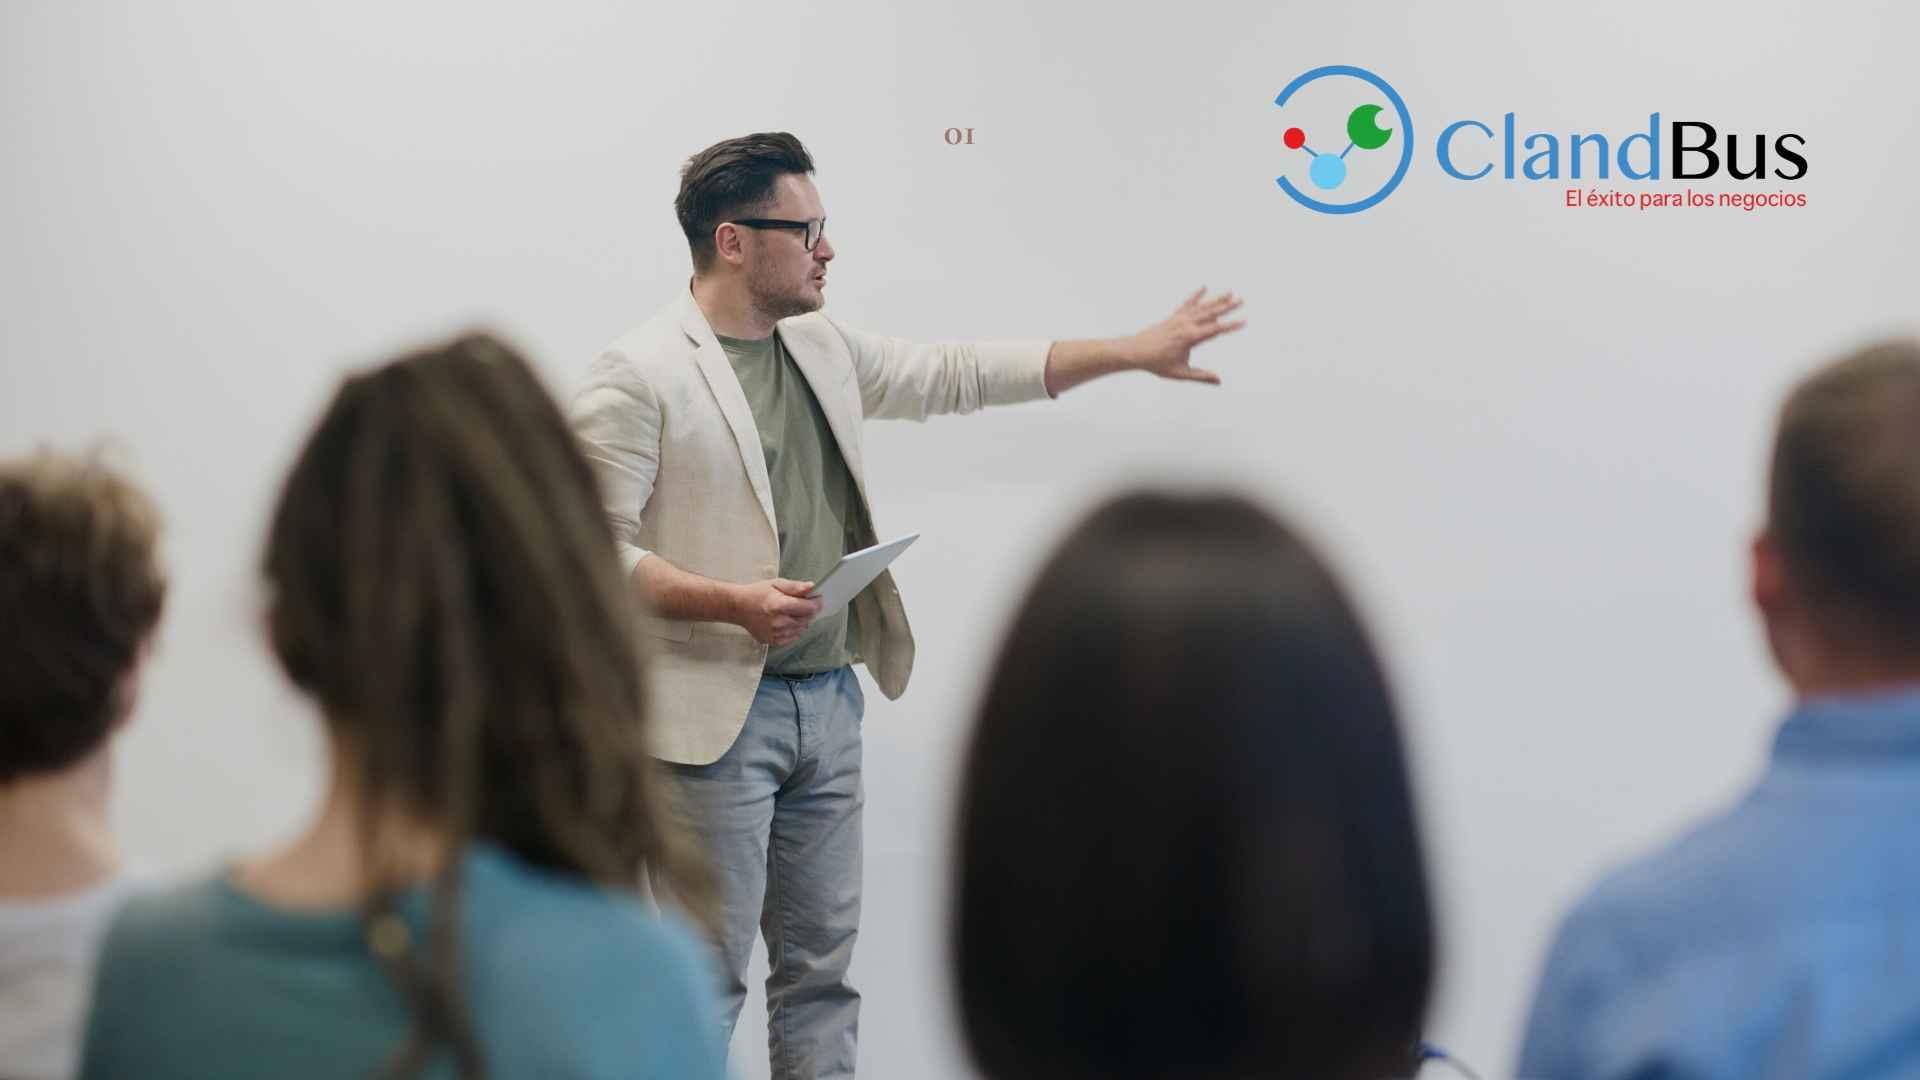 careers - Haz crecer tus conocimiento con ayuda de Asesores de Confianza ClandBus